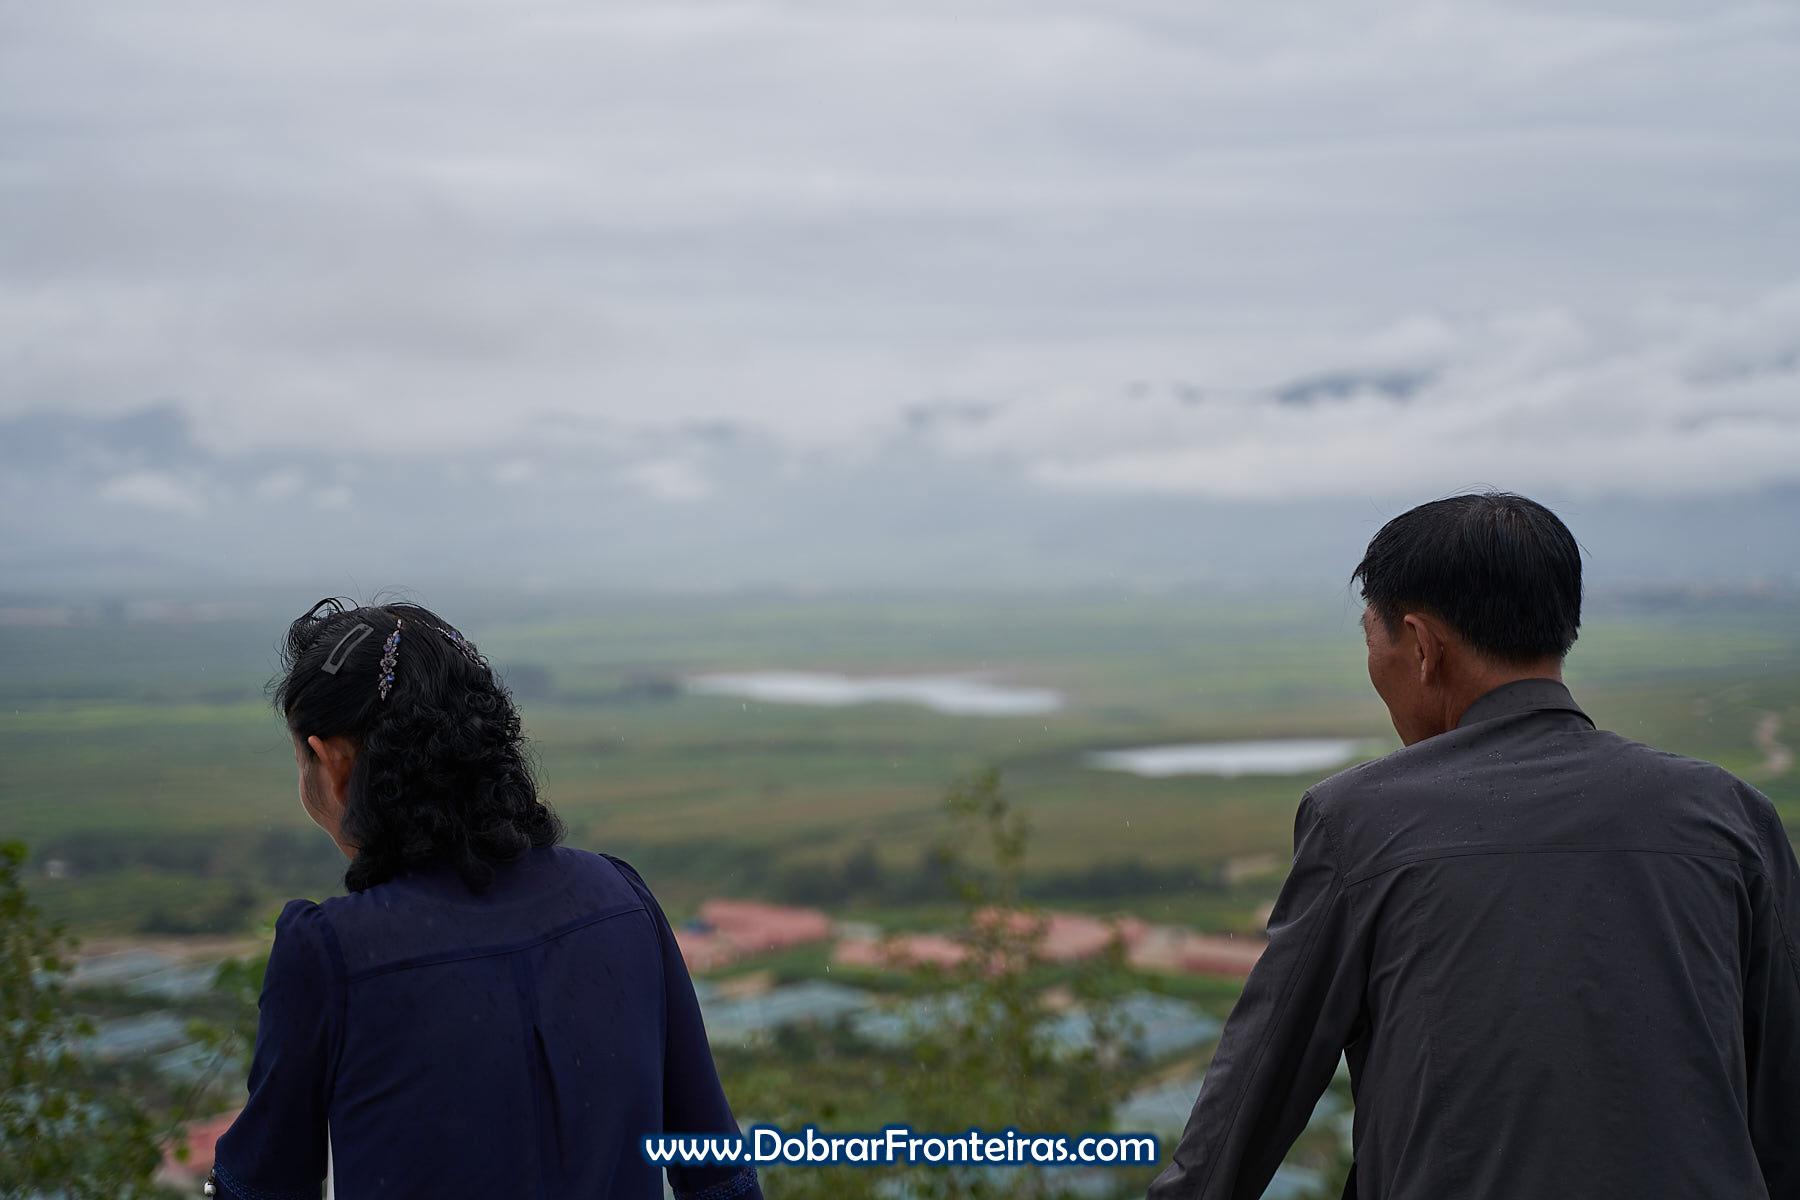 Norte coreanos a observar a paisagem em miradouro